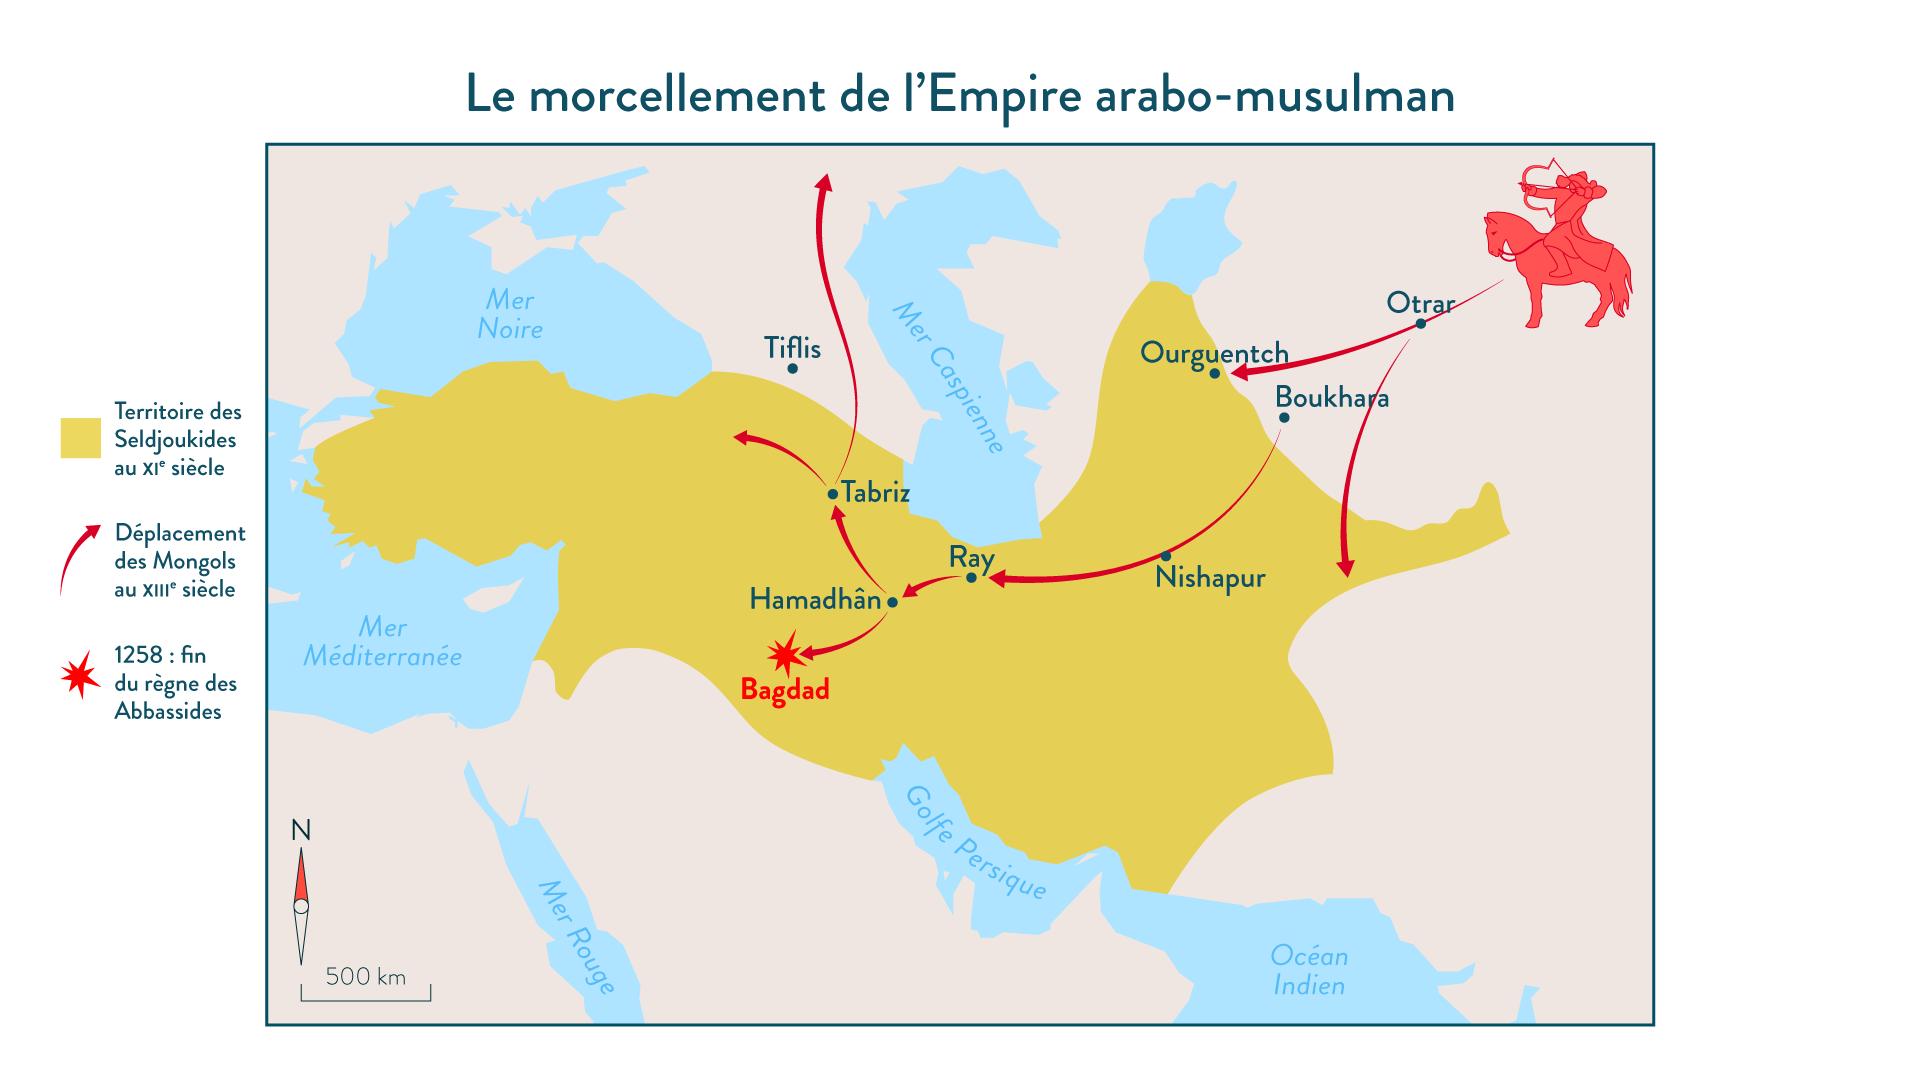 Le morcellement de l'Empire arabo-musulman5-histoire